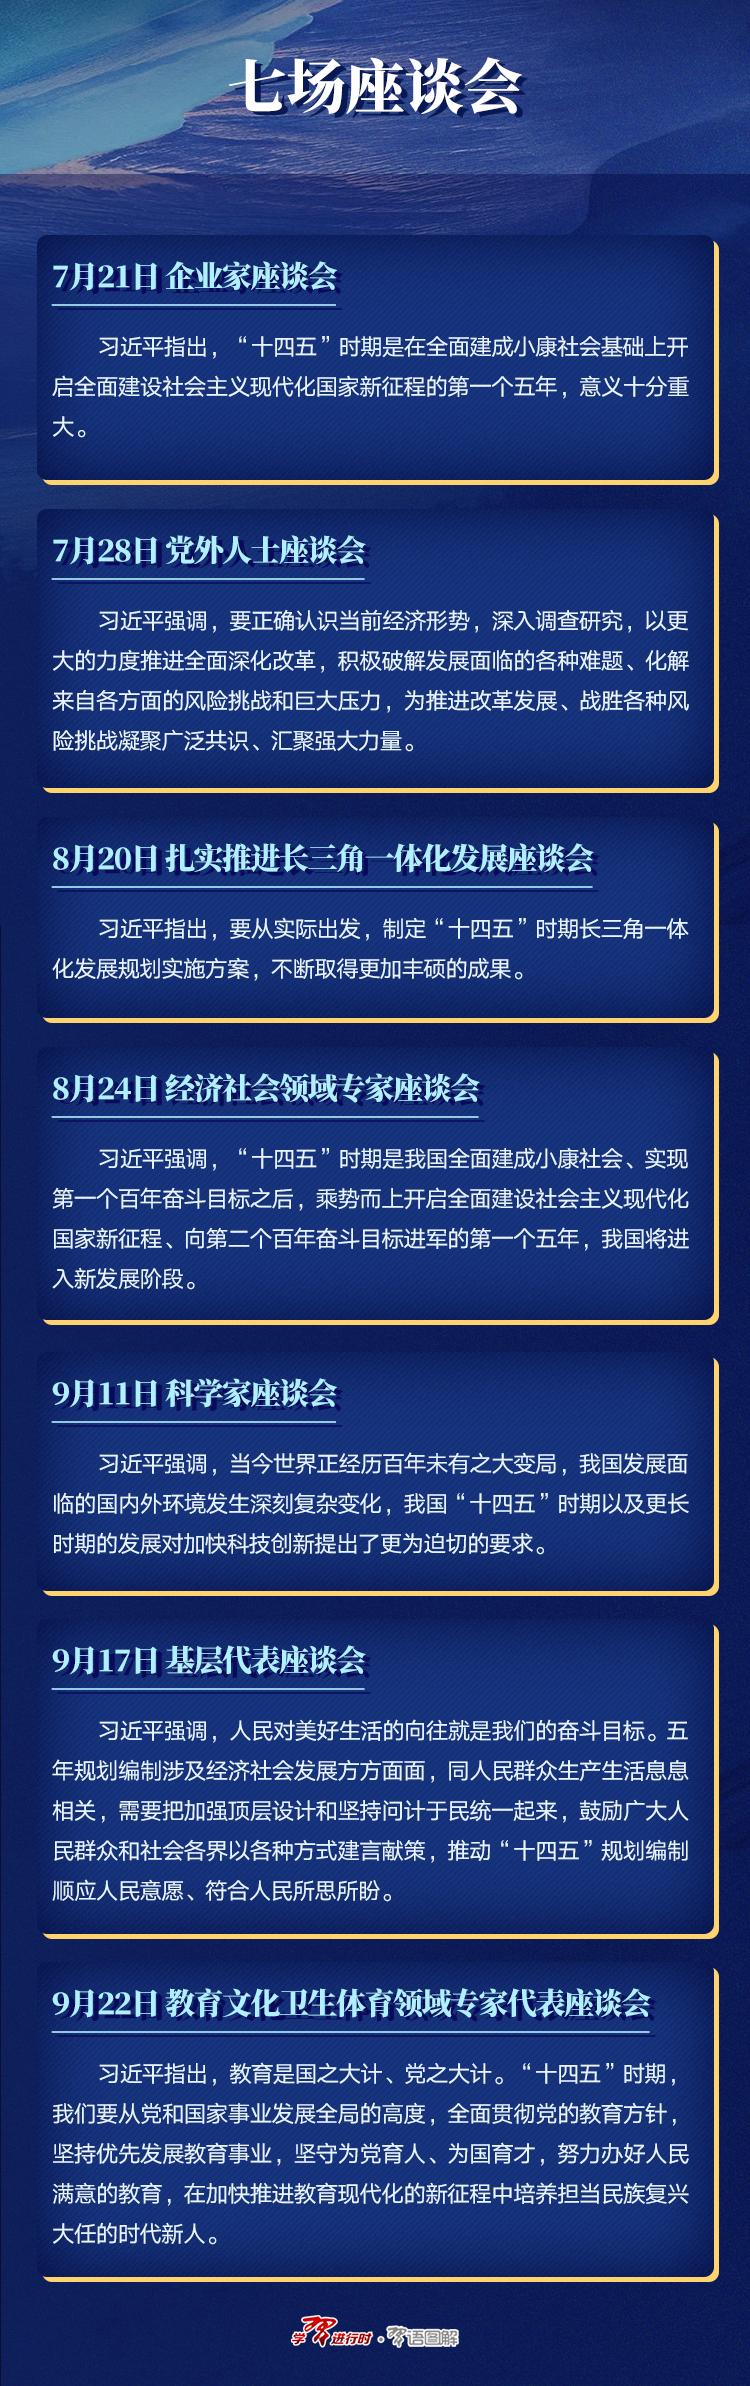 南阳市:世界骨质疏松日  关注老人骨健康